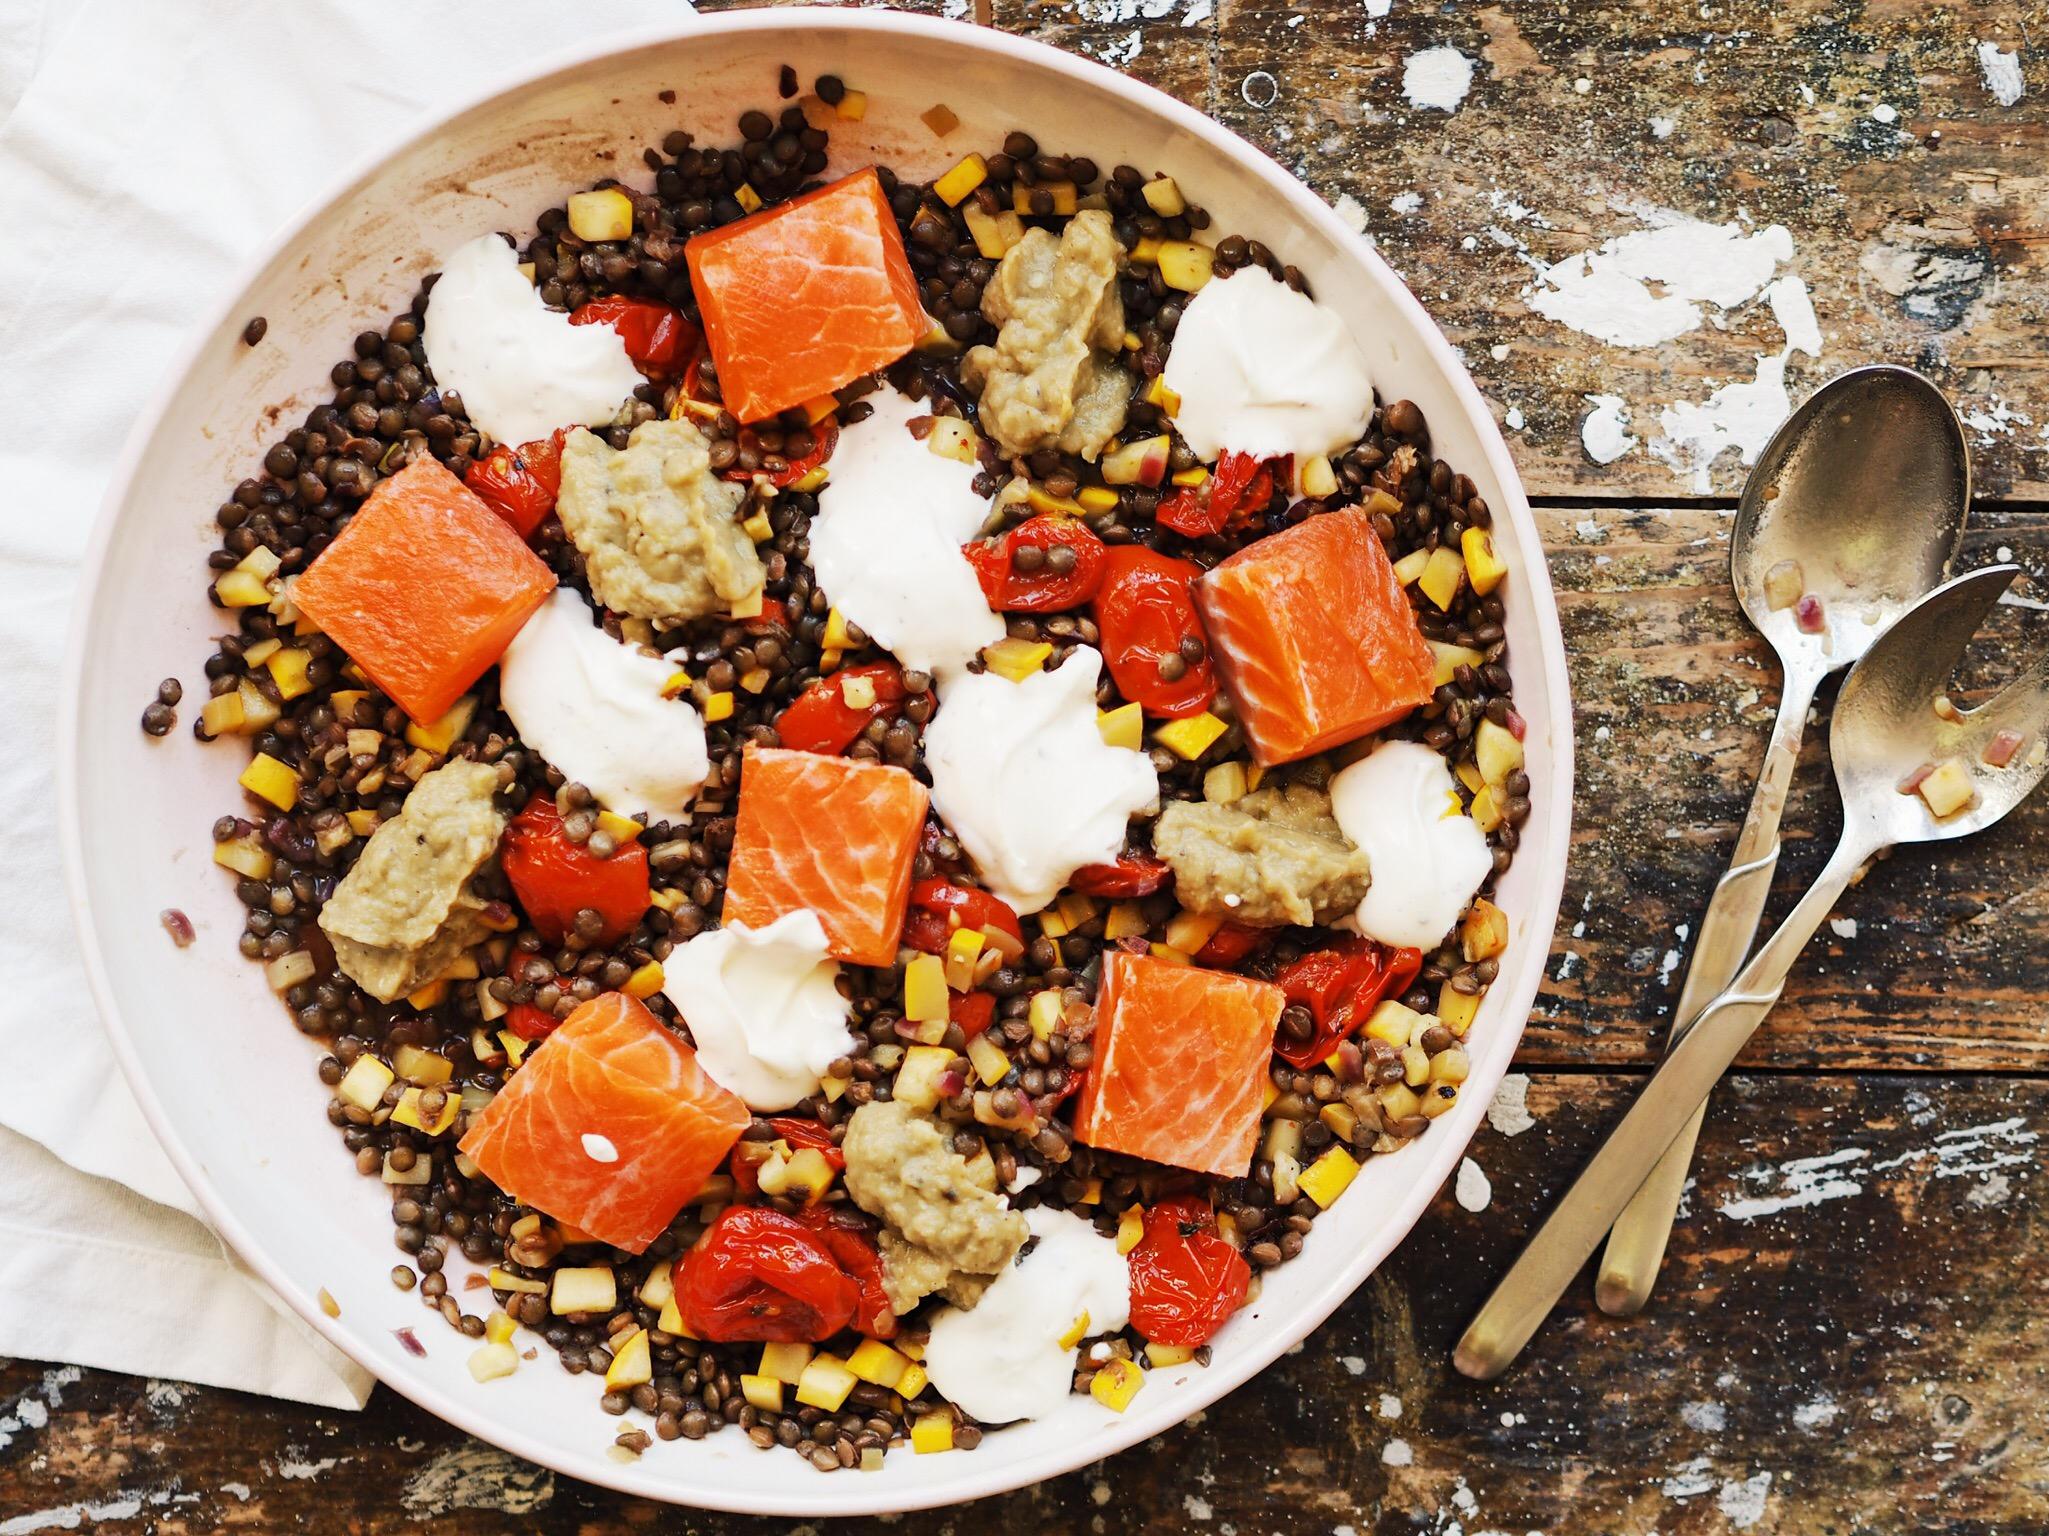 Linsensalat mit gebeiztem Lachs, confierten Tomaten und Auberginendip